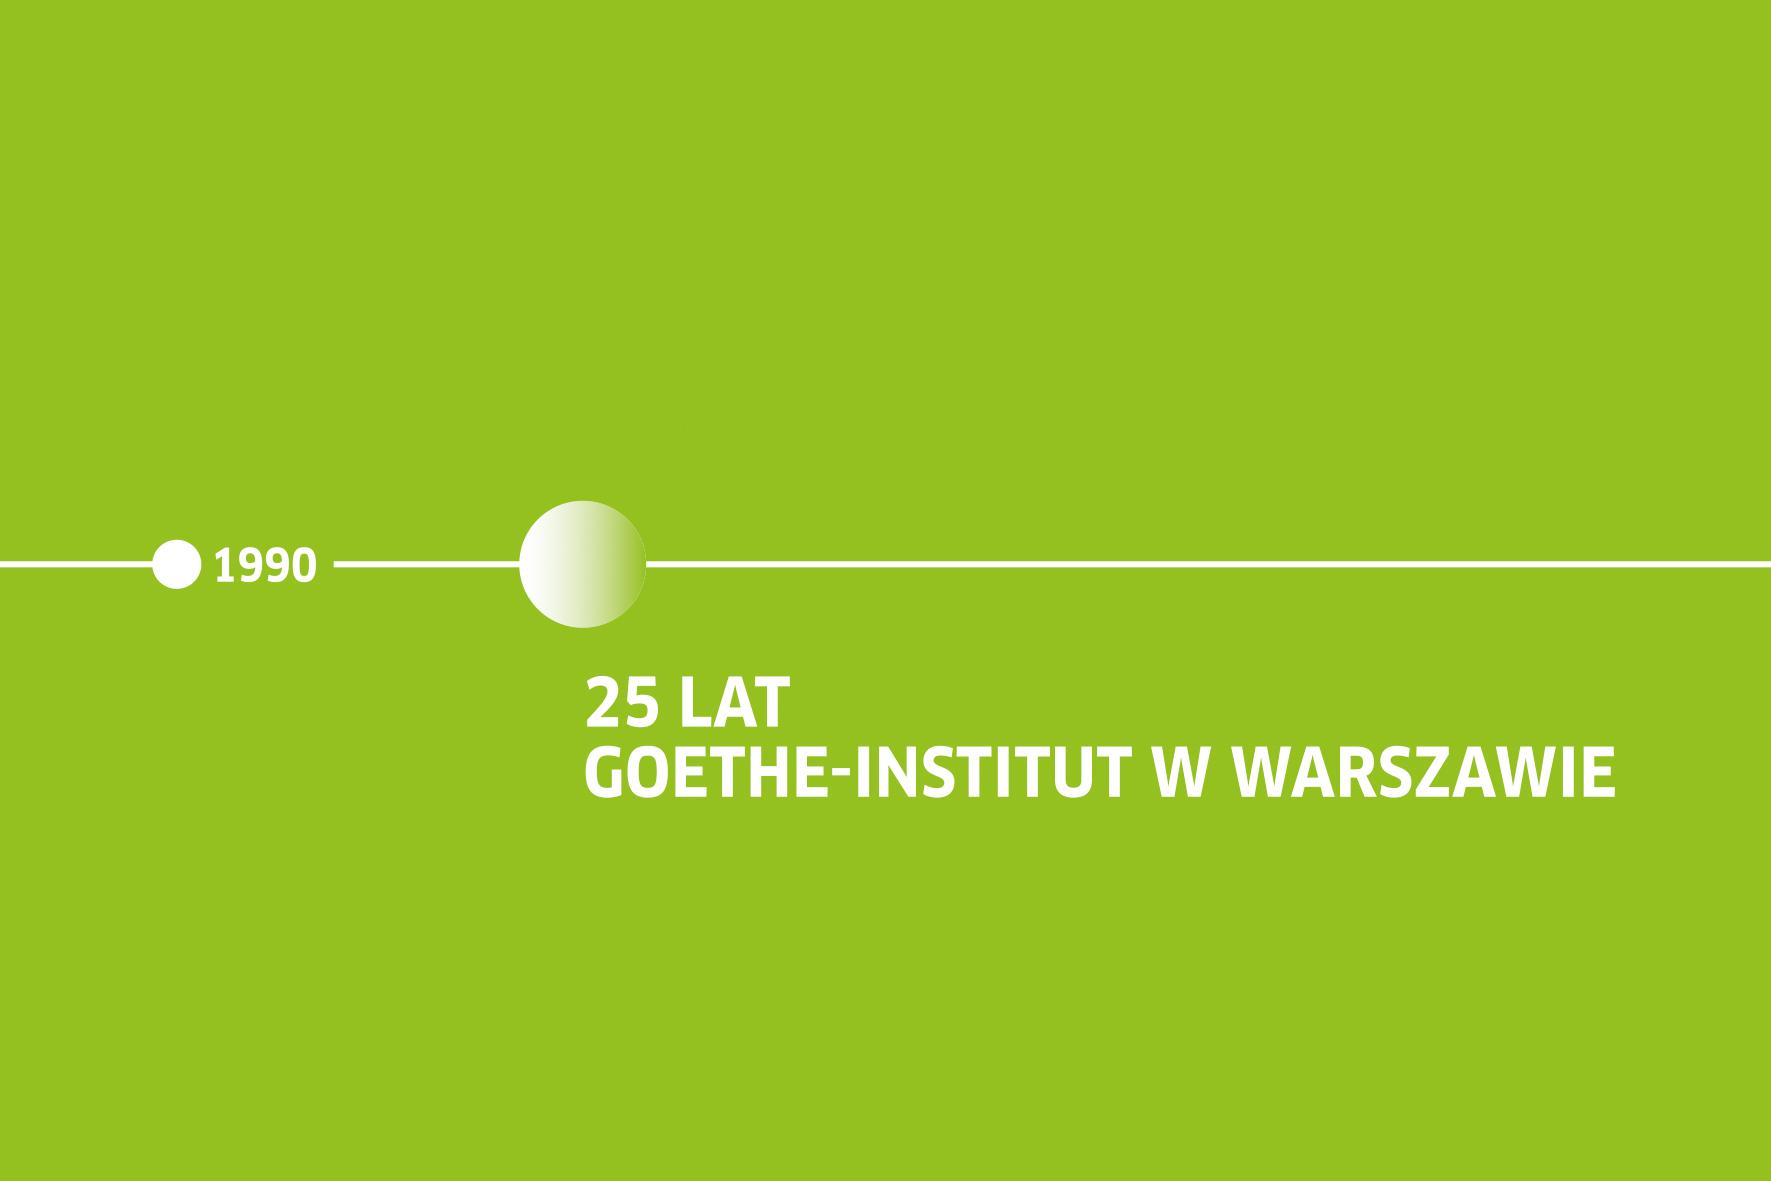 25-lecie Goethe-Institut w Warszawie – logo (źródło: materiały prasowe organizatora)